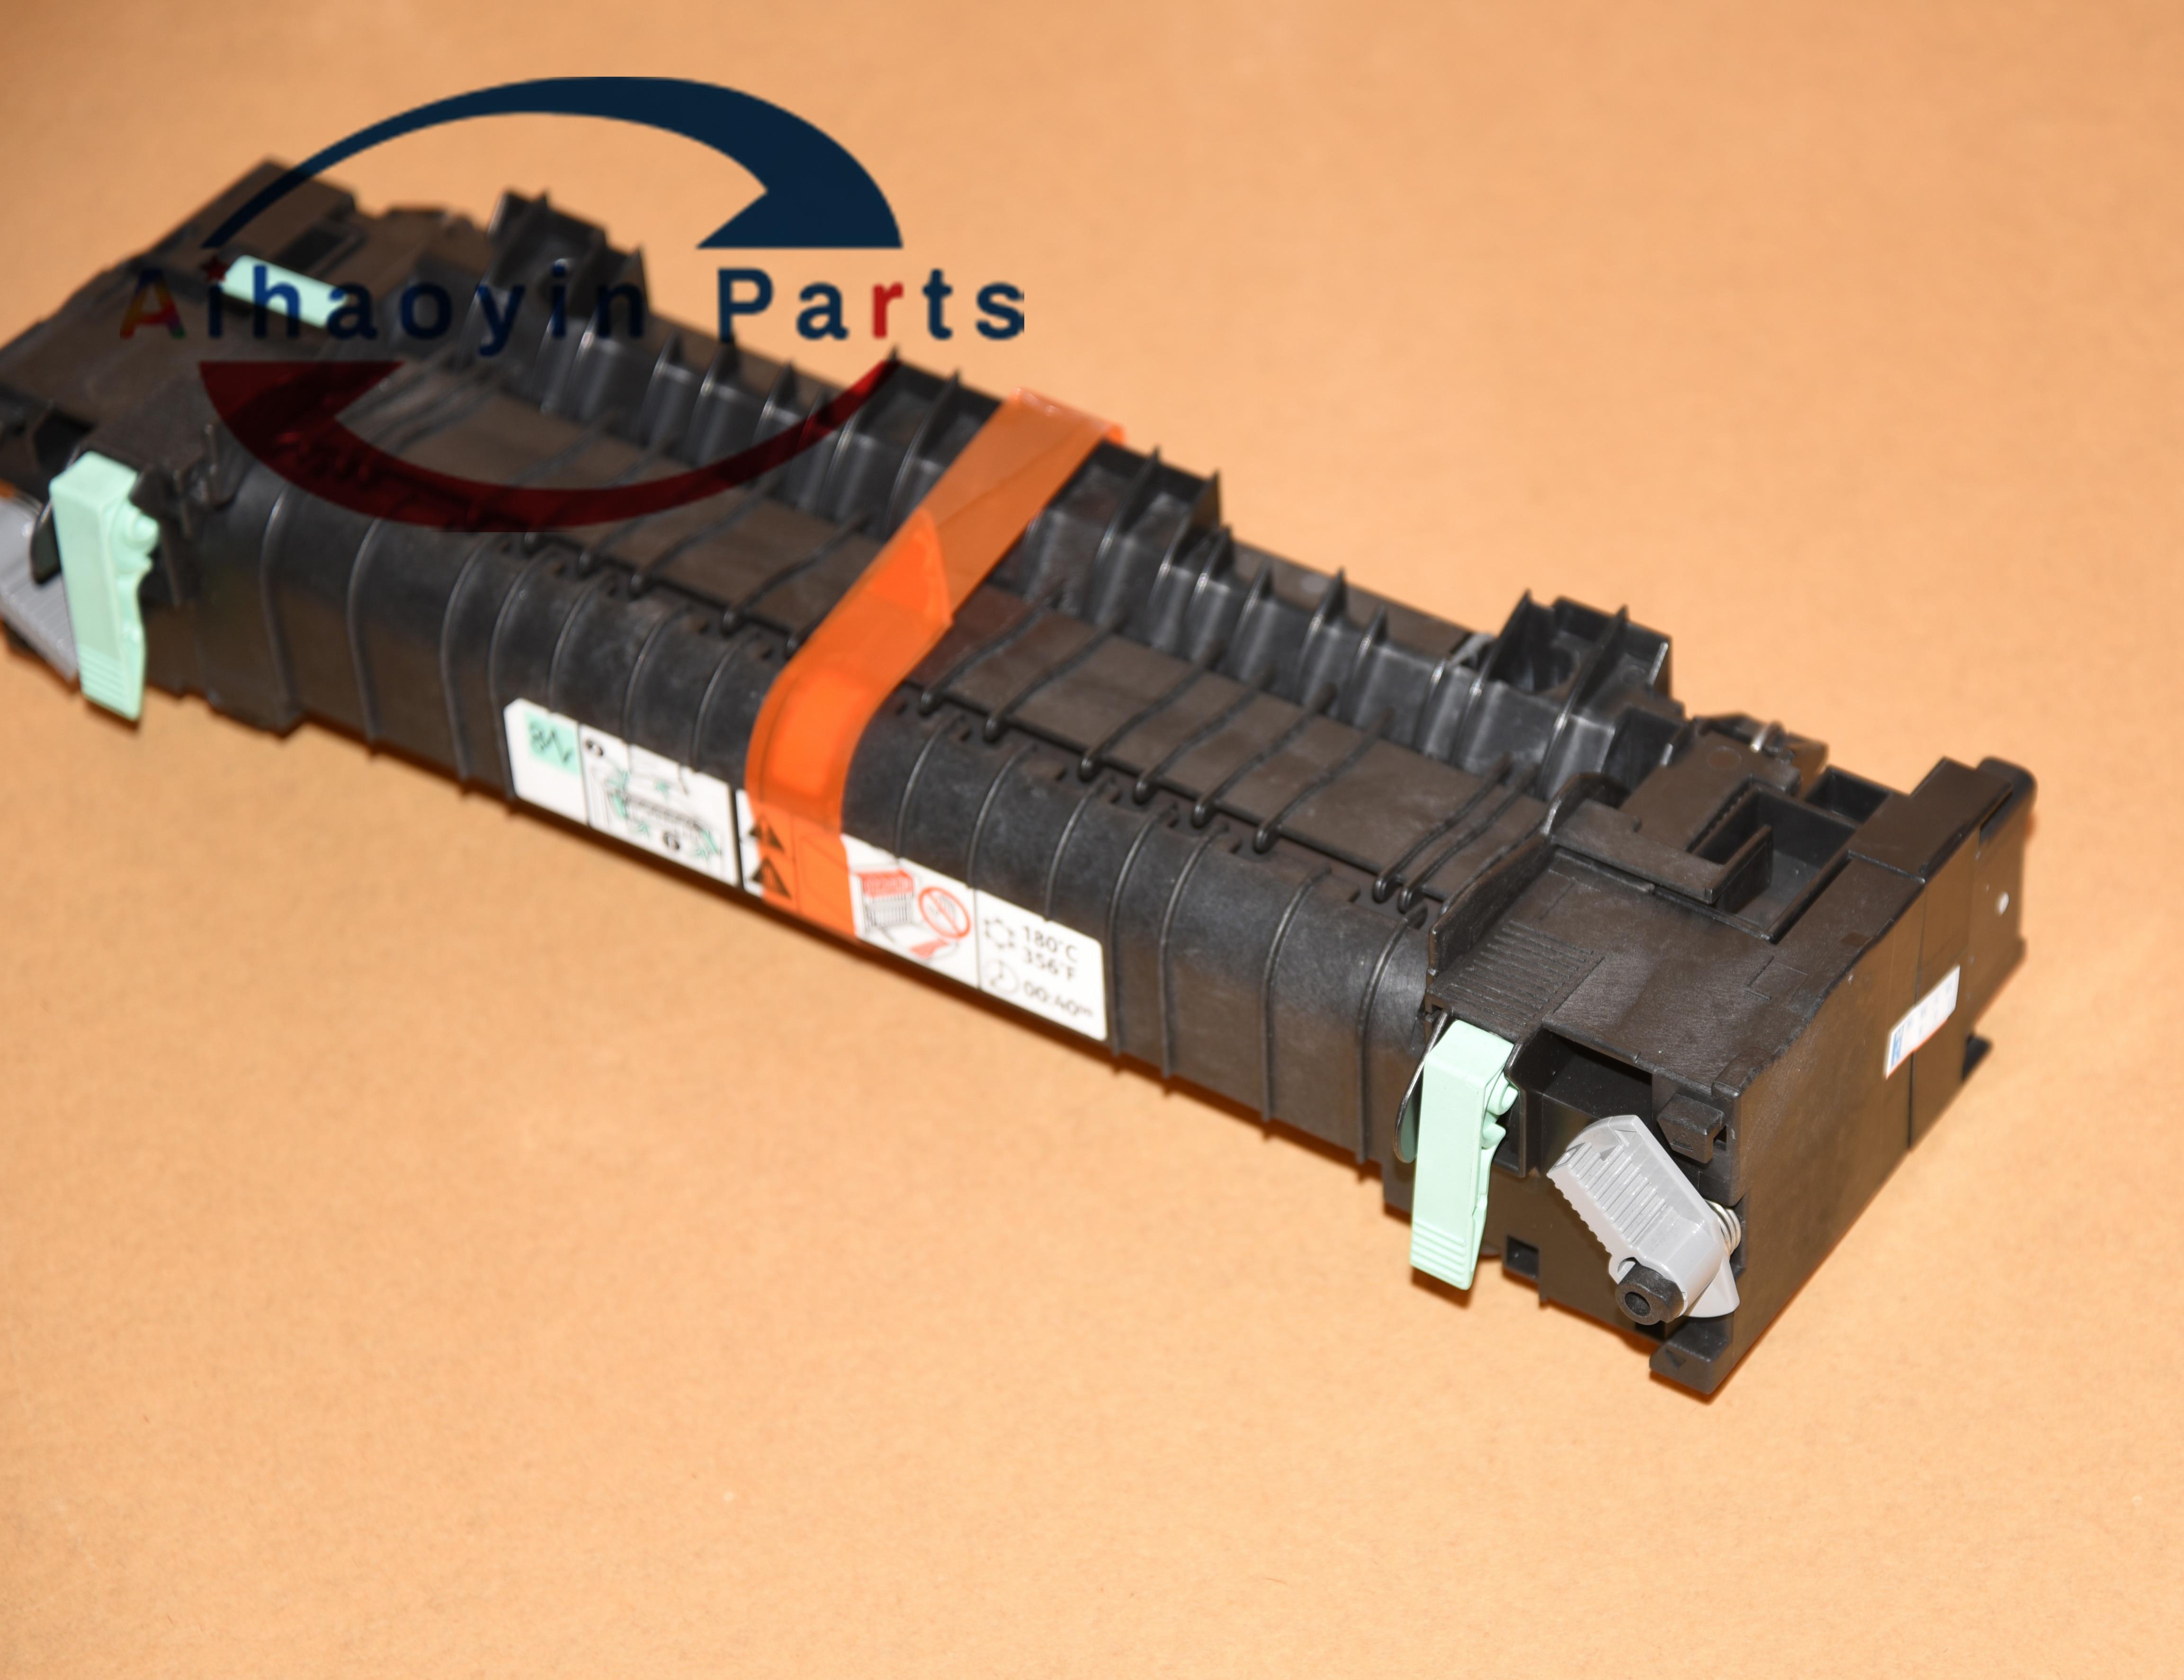 Узел закрепления изображения заправки 220V 115R00085 для Xerox Phaser 3610 Workcenter 3615 Workcenter 3655 Workcenter 3655i